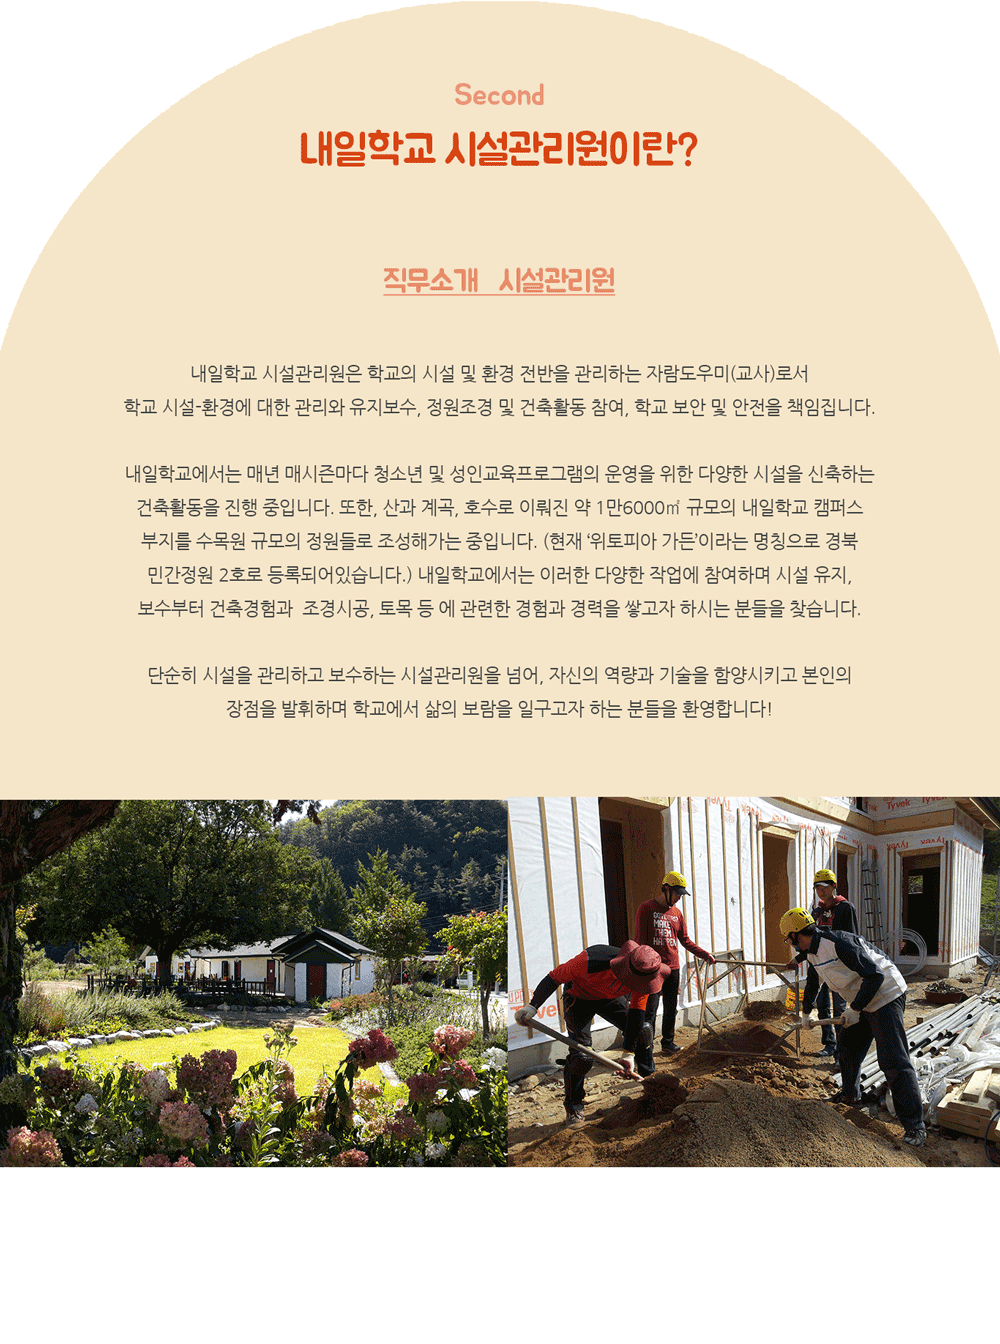 내일학교-채용공고_시설관리원-소개.png